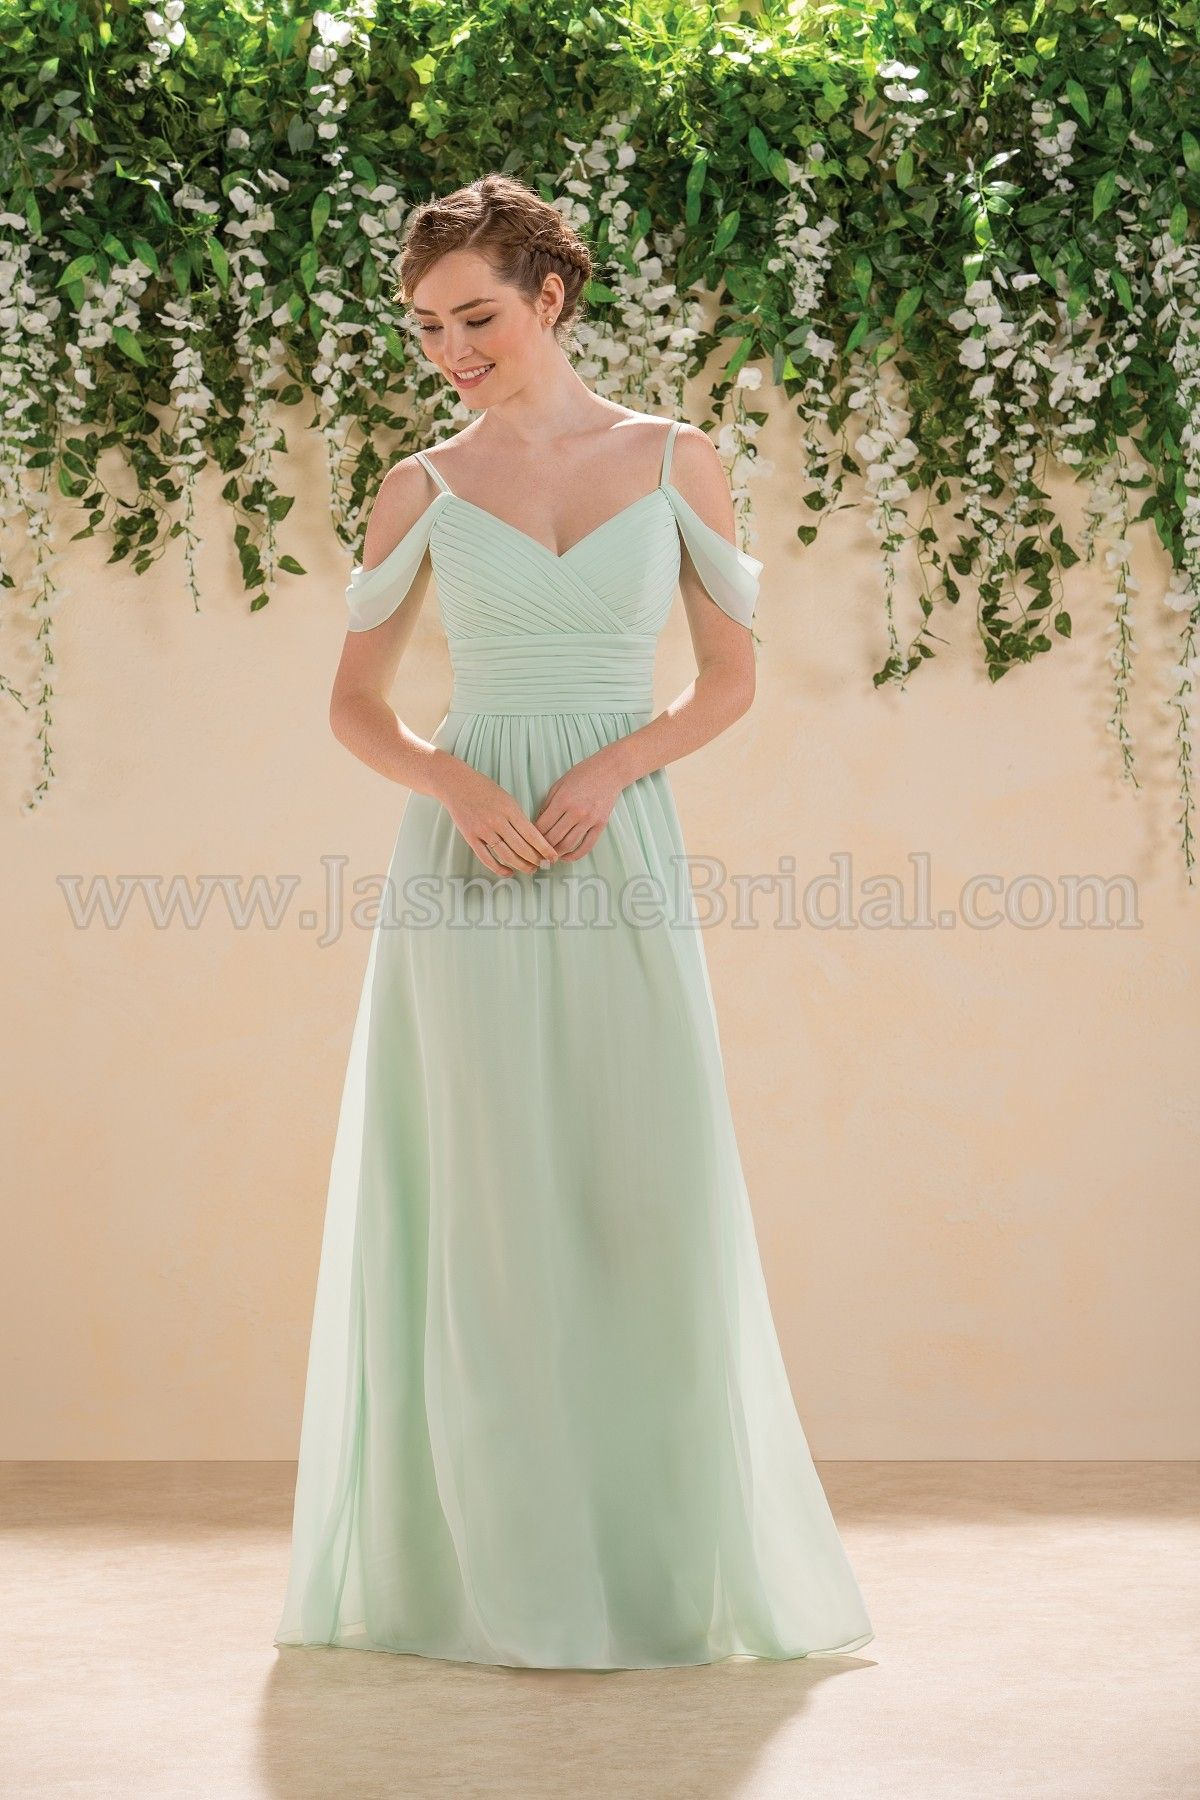 Jasmine Bridal Bridesmaid Dress